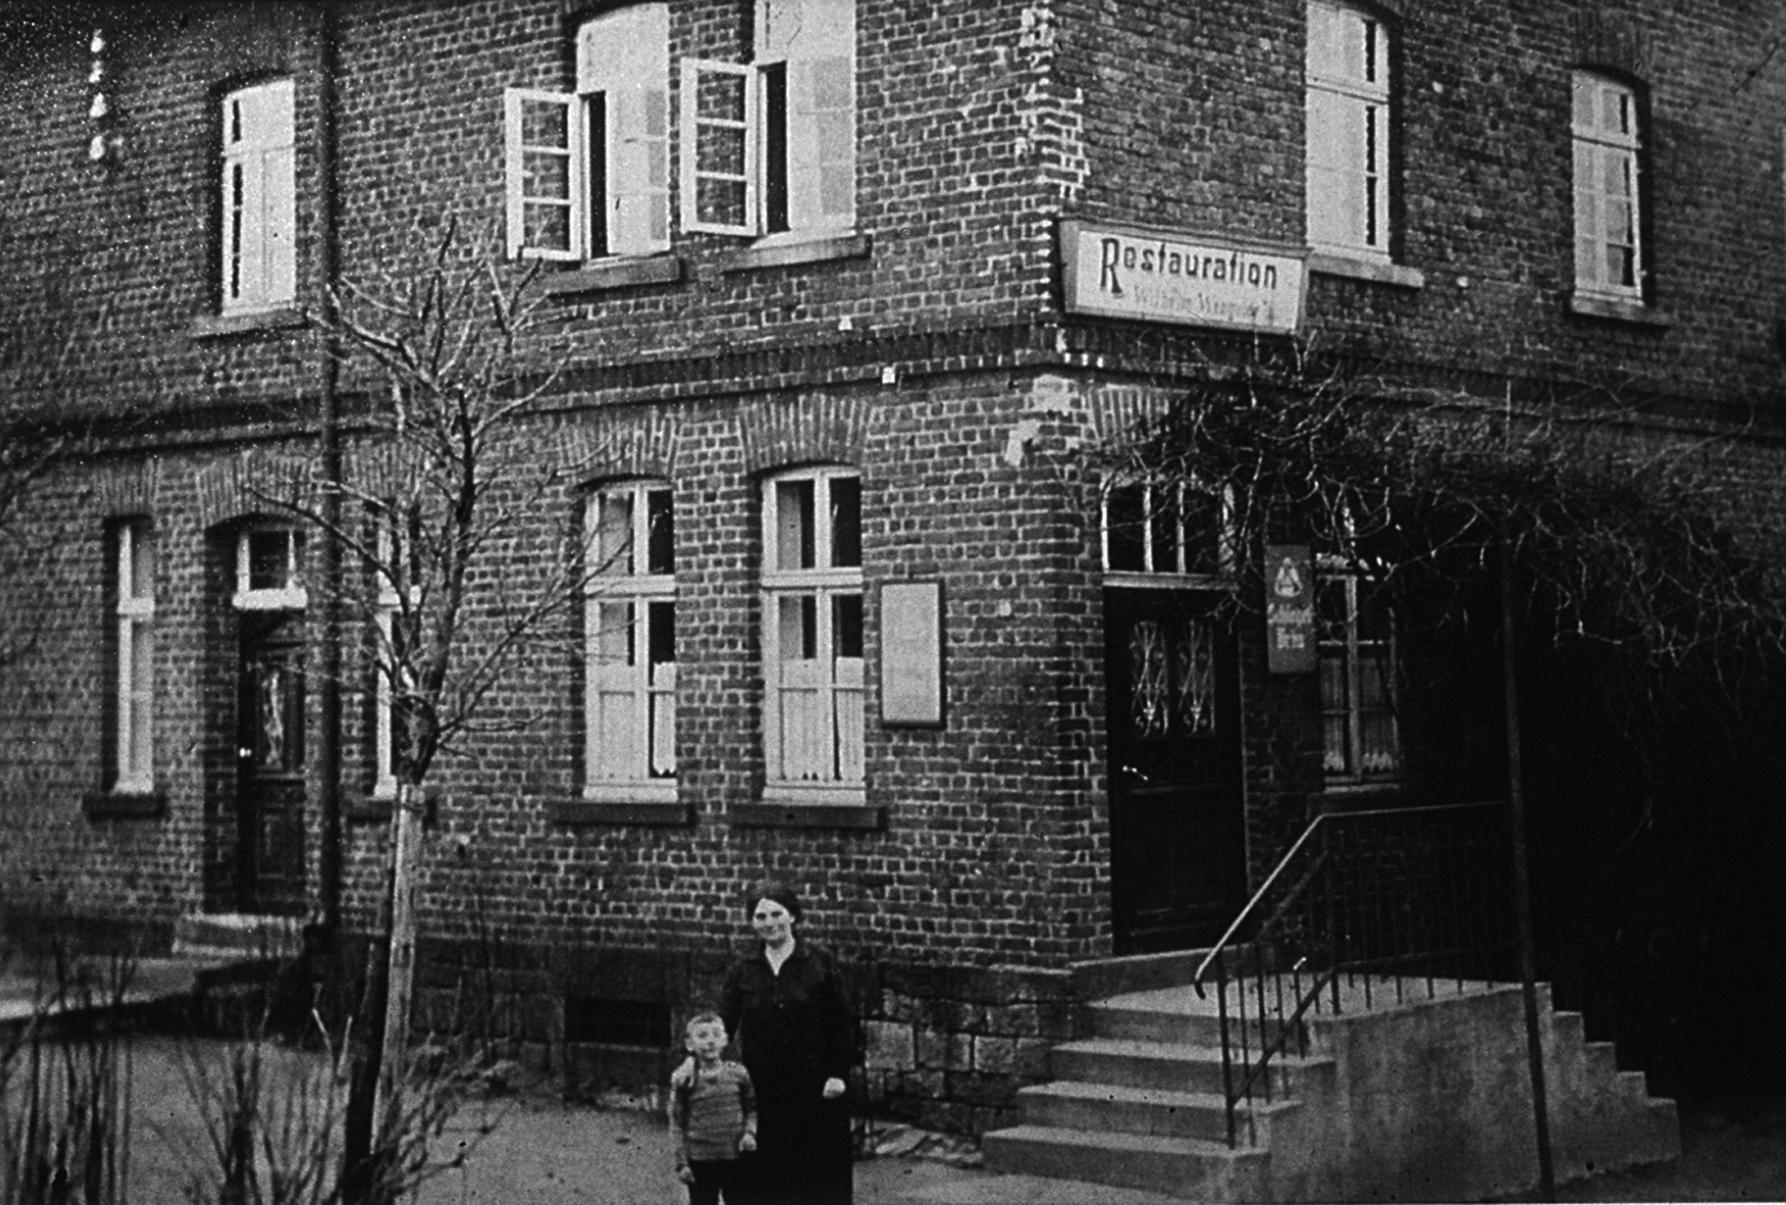 Die nicht mehr bestehende Wirtschaft Wengeler, die Gründungslokal der Kompanie Brockhausen (Schützenverein) war. Foto: W. Dickten